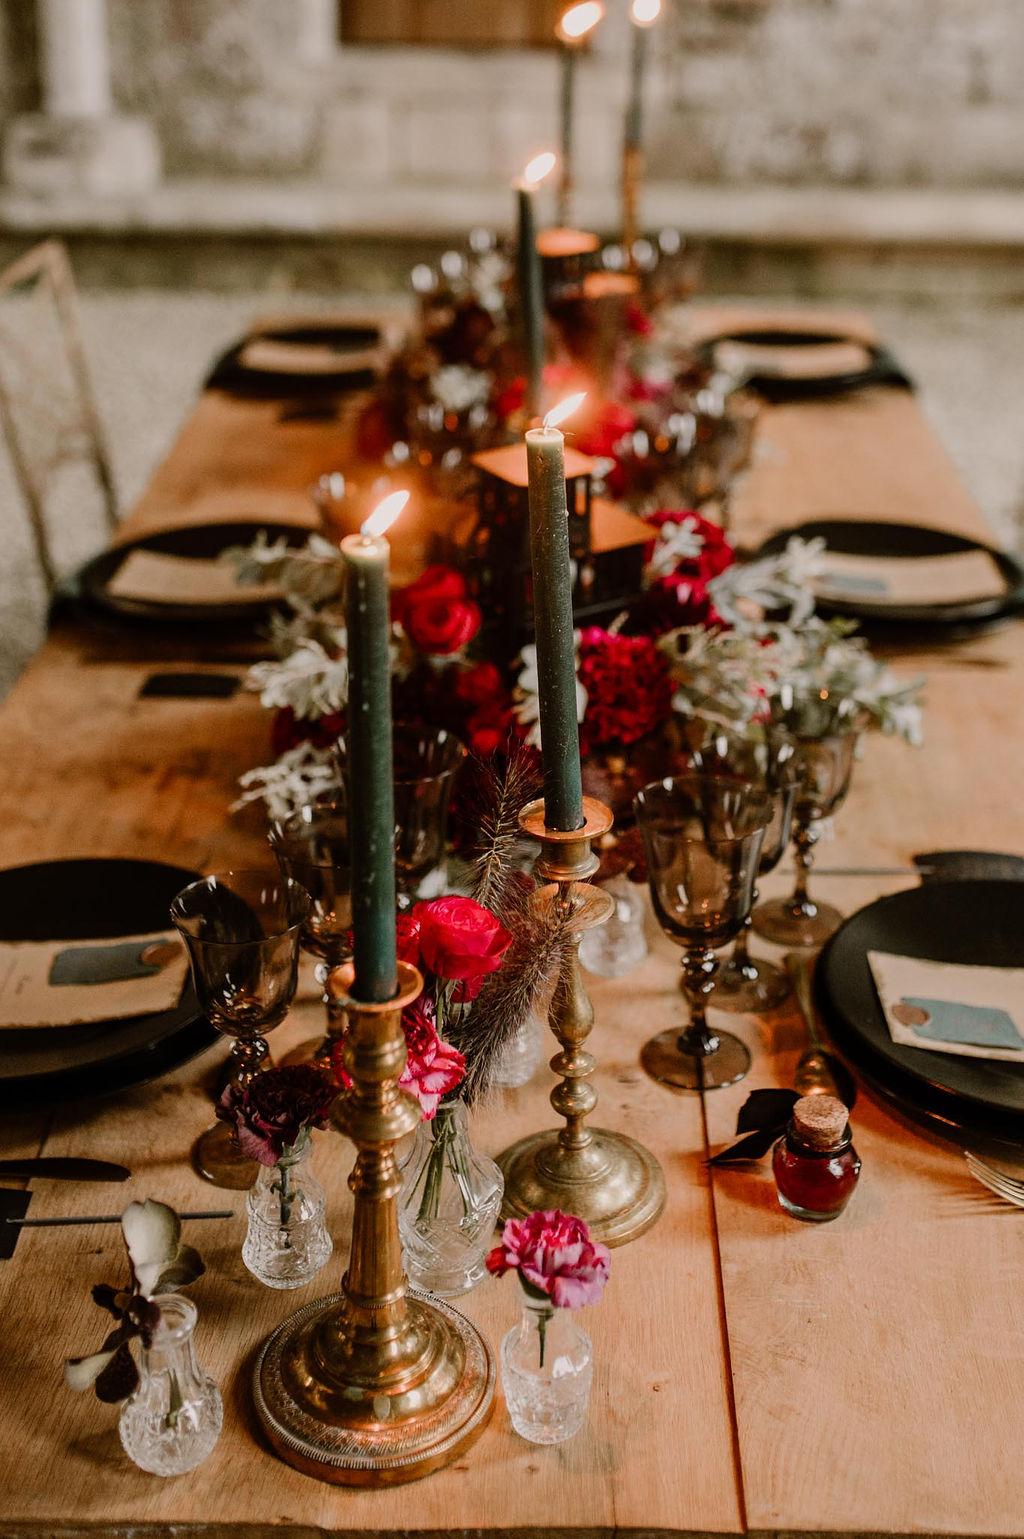 decoratrice de mariages en Normandie - CREDIT PHOTO : Anne Letournel